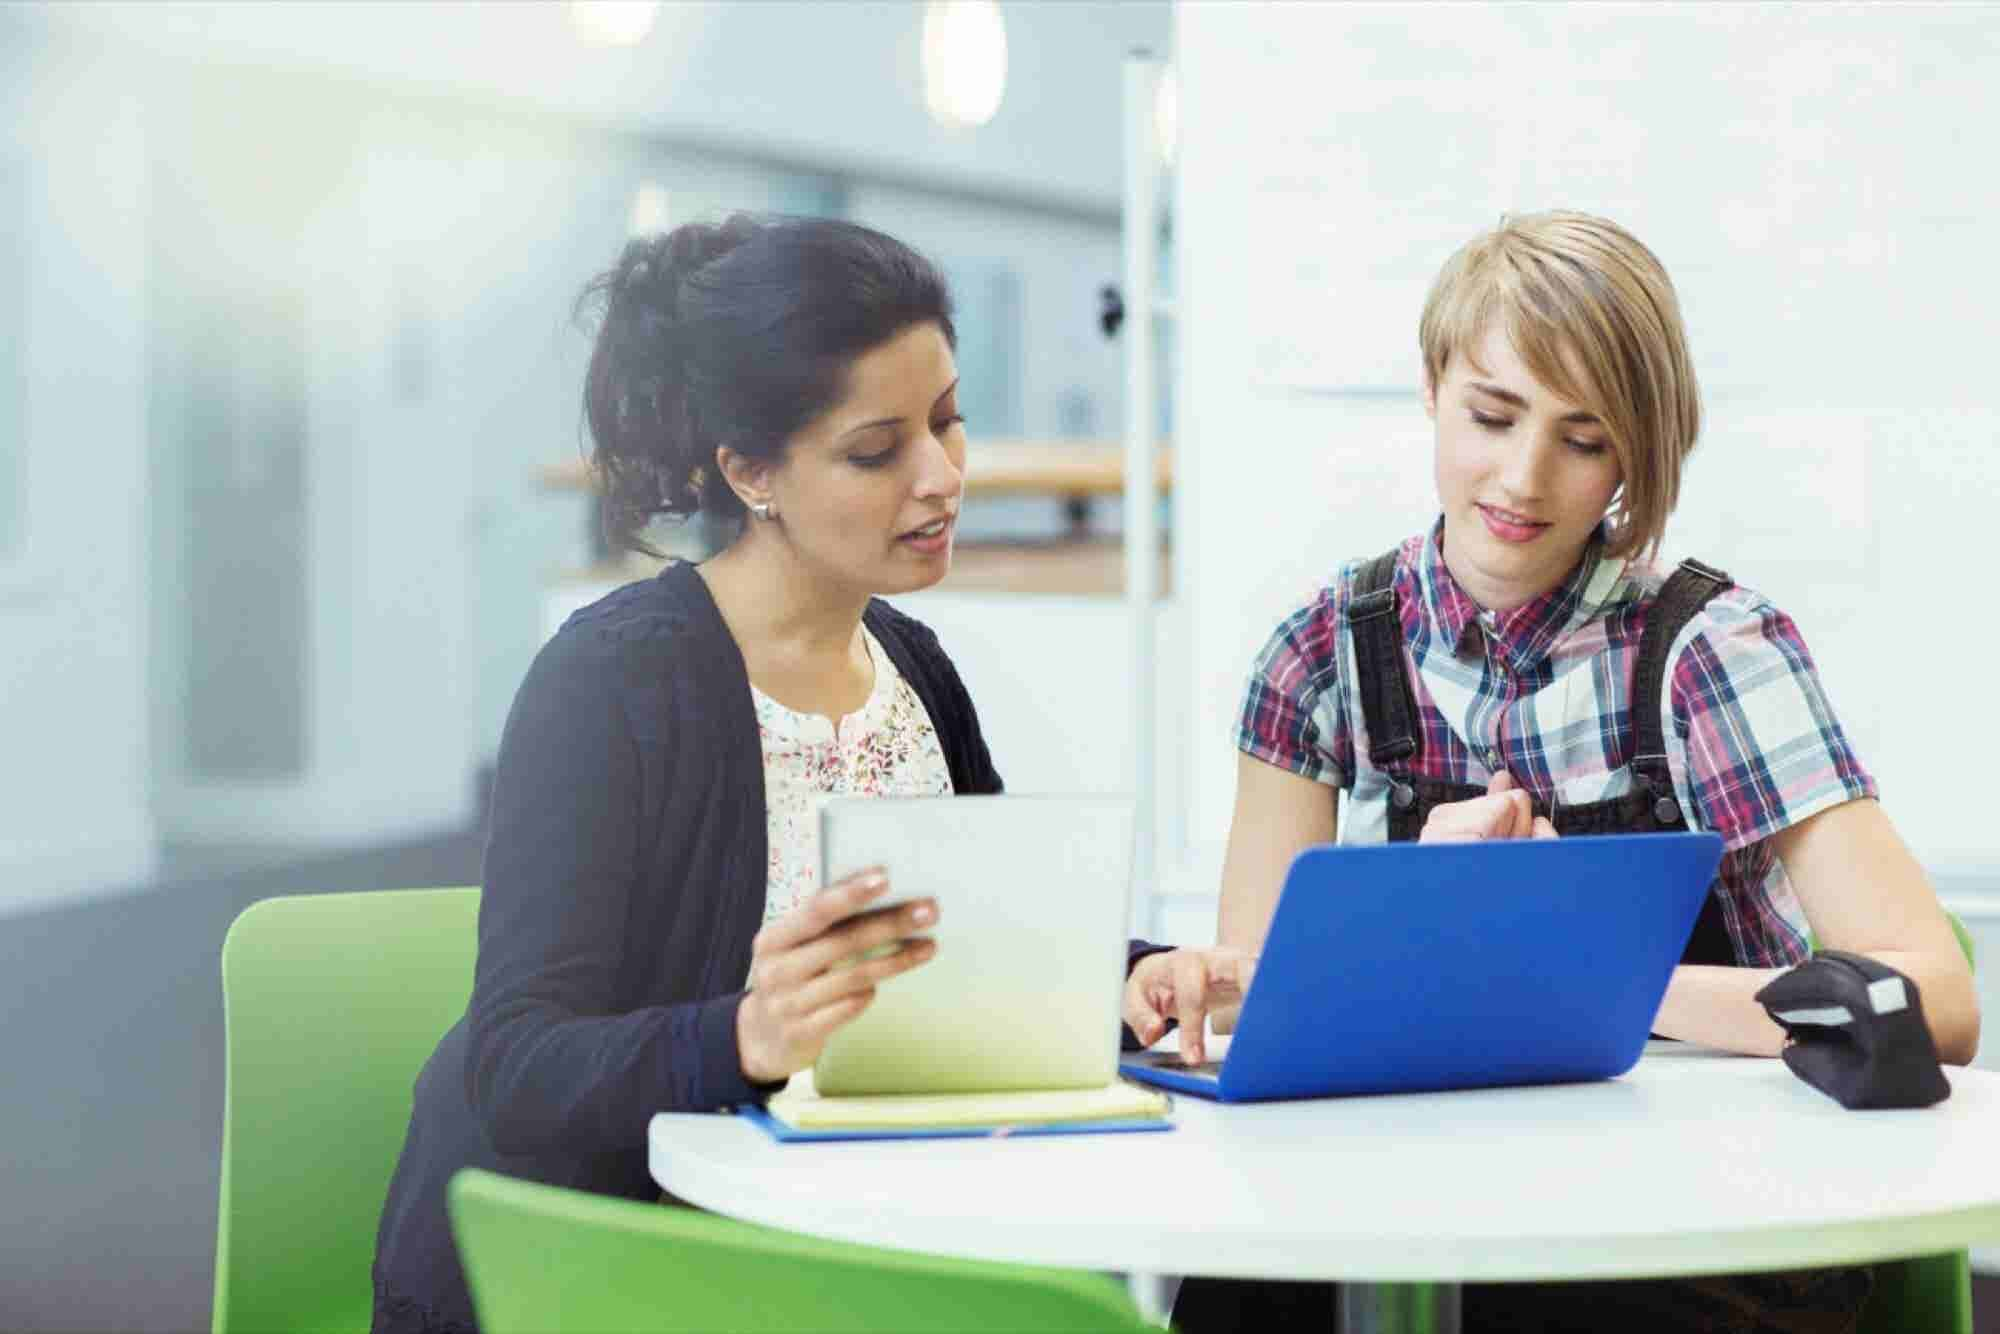 3 Steps for a Mentorship Program That Works